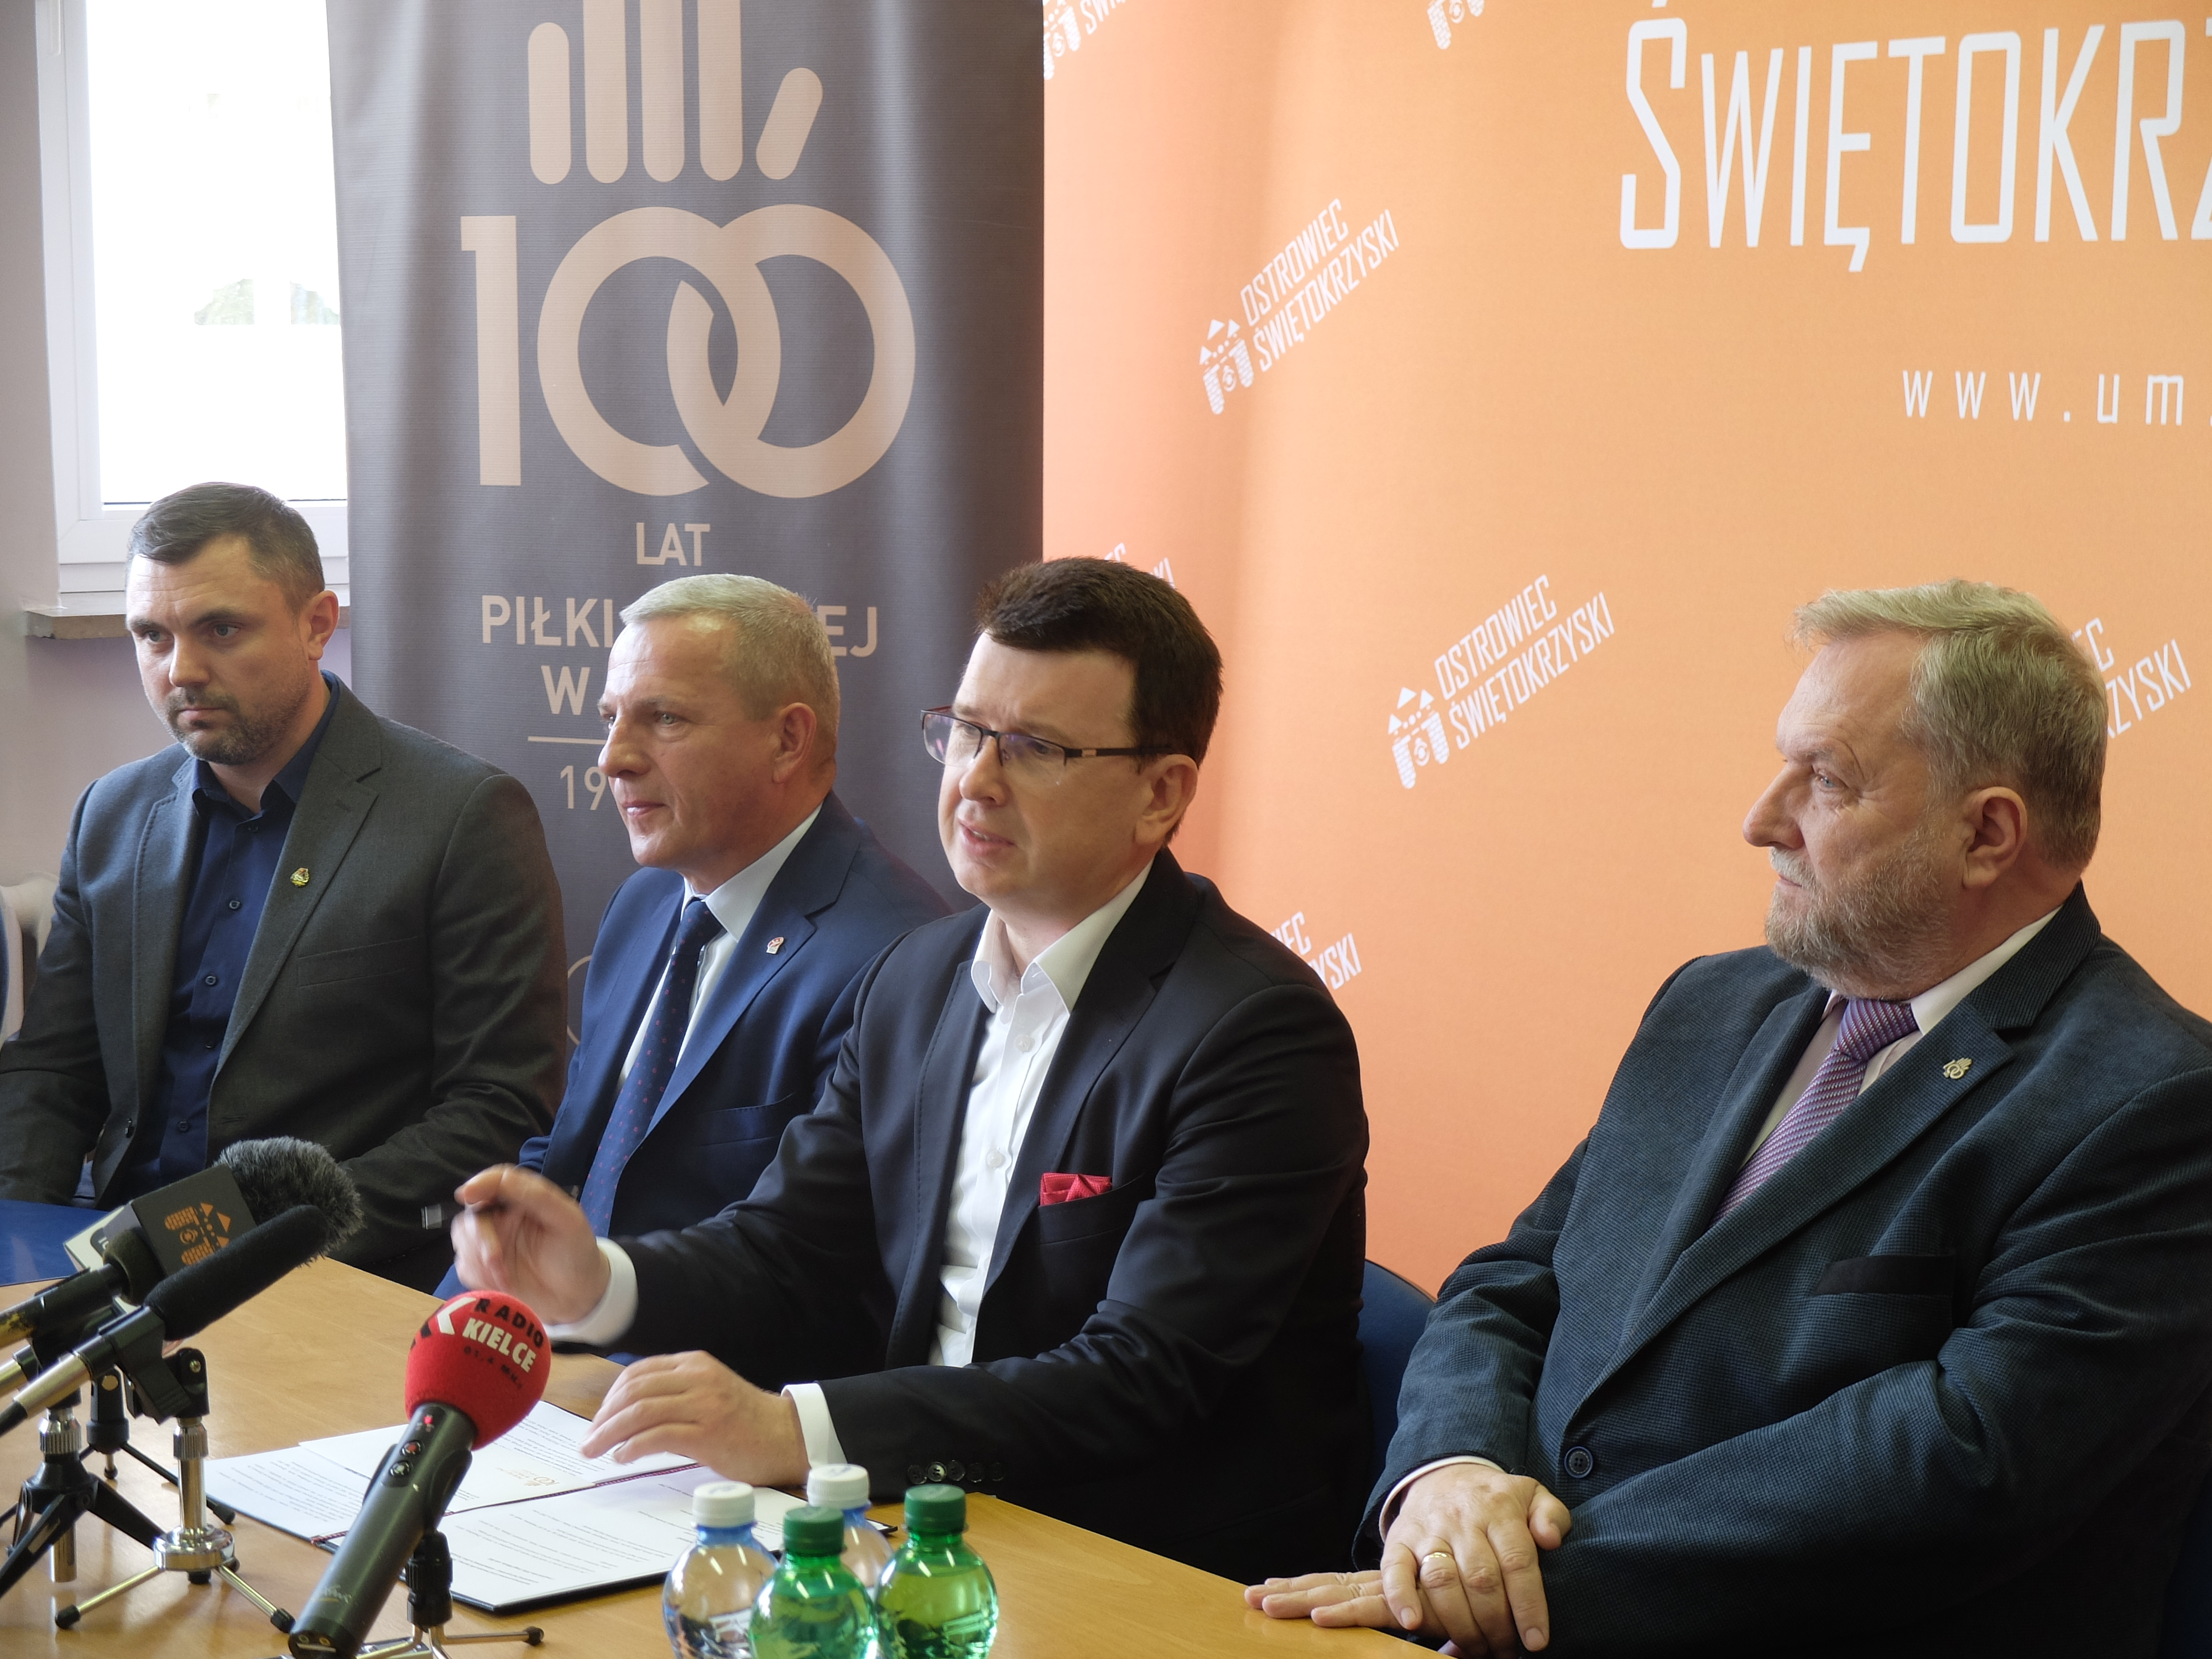 41aab4876 Ostrowiecka marka, za tydzień mecz Polska- Kosowo   Związek Piłki ...